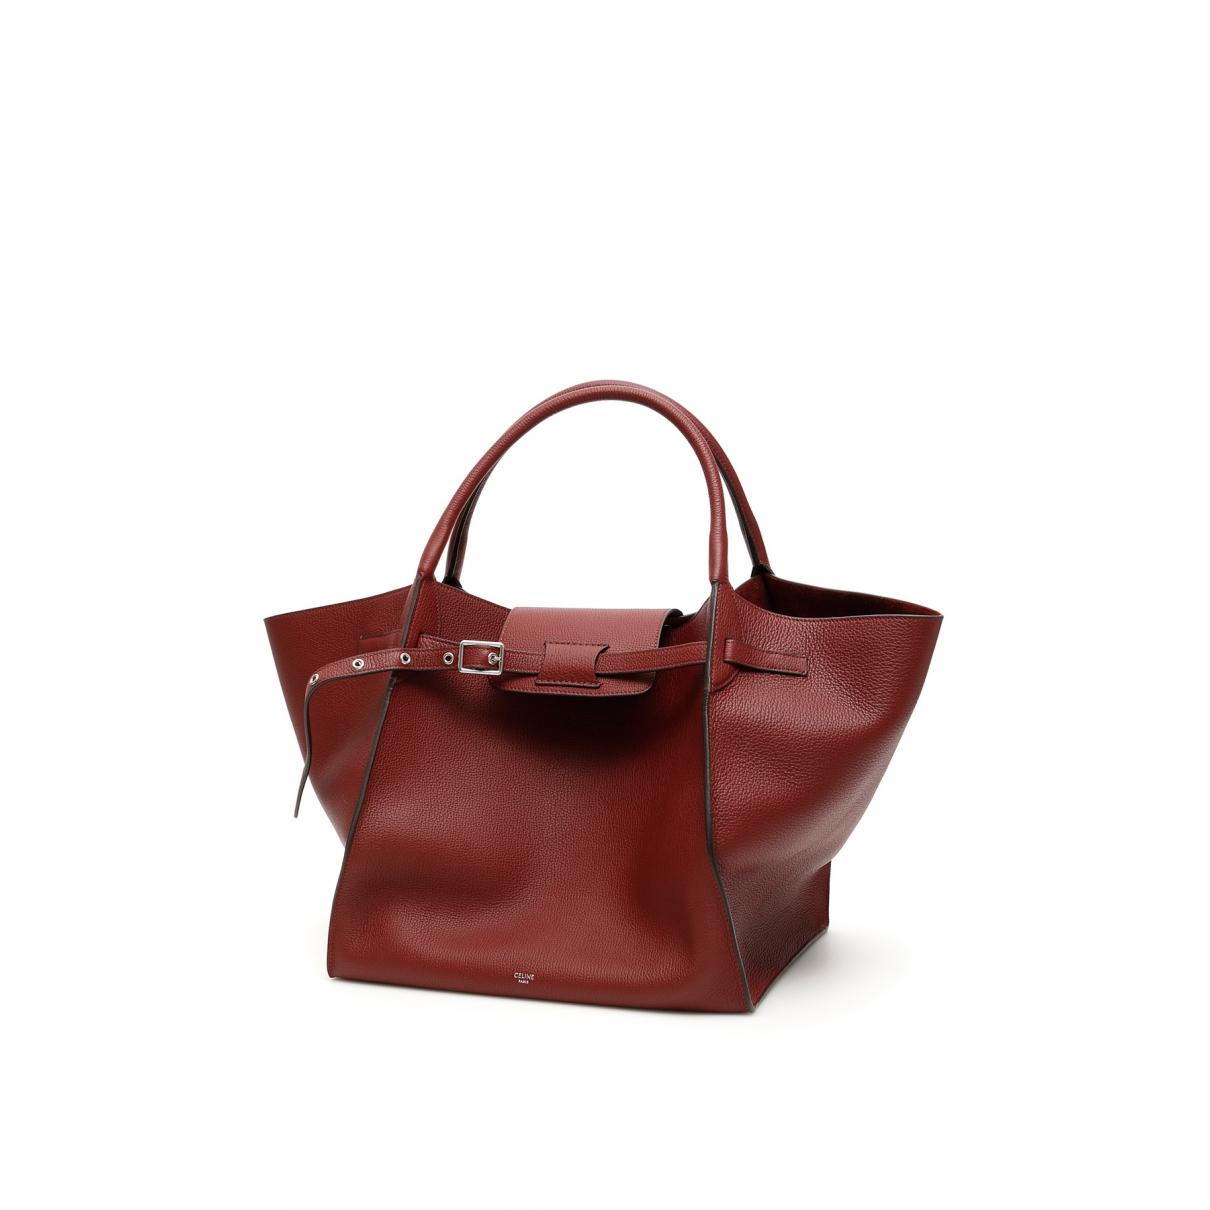 Celine Big Bag Red Leather handbag for Women \N